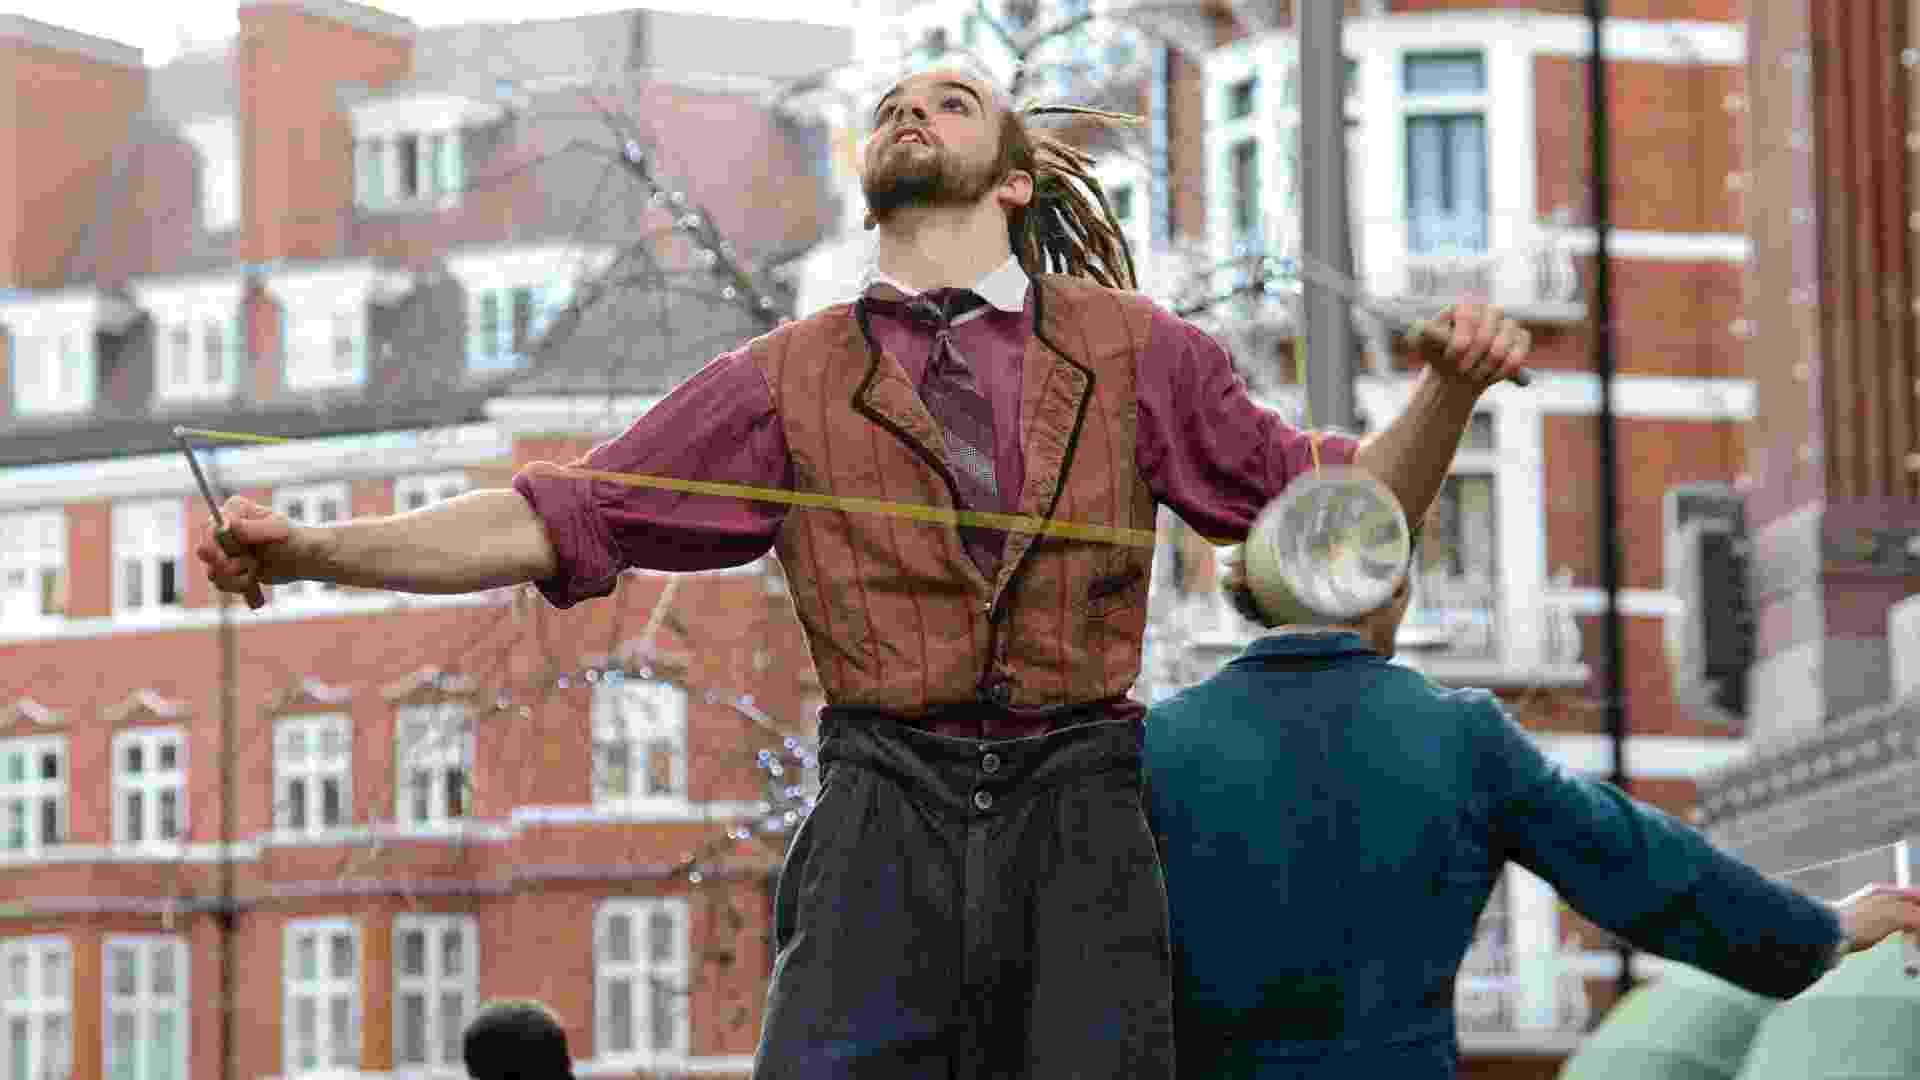 26.dez.2012 - Cirque Du Soleil faz uma performance especial para os visitantes que aguardam pela liquidação de inverno do lado de fora da loja Harrods, em Londres - Ben Pruchnie/Getty Images